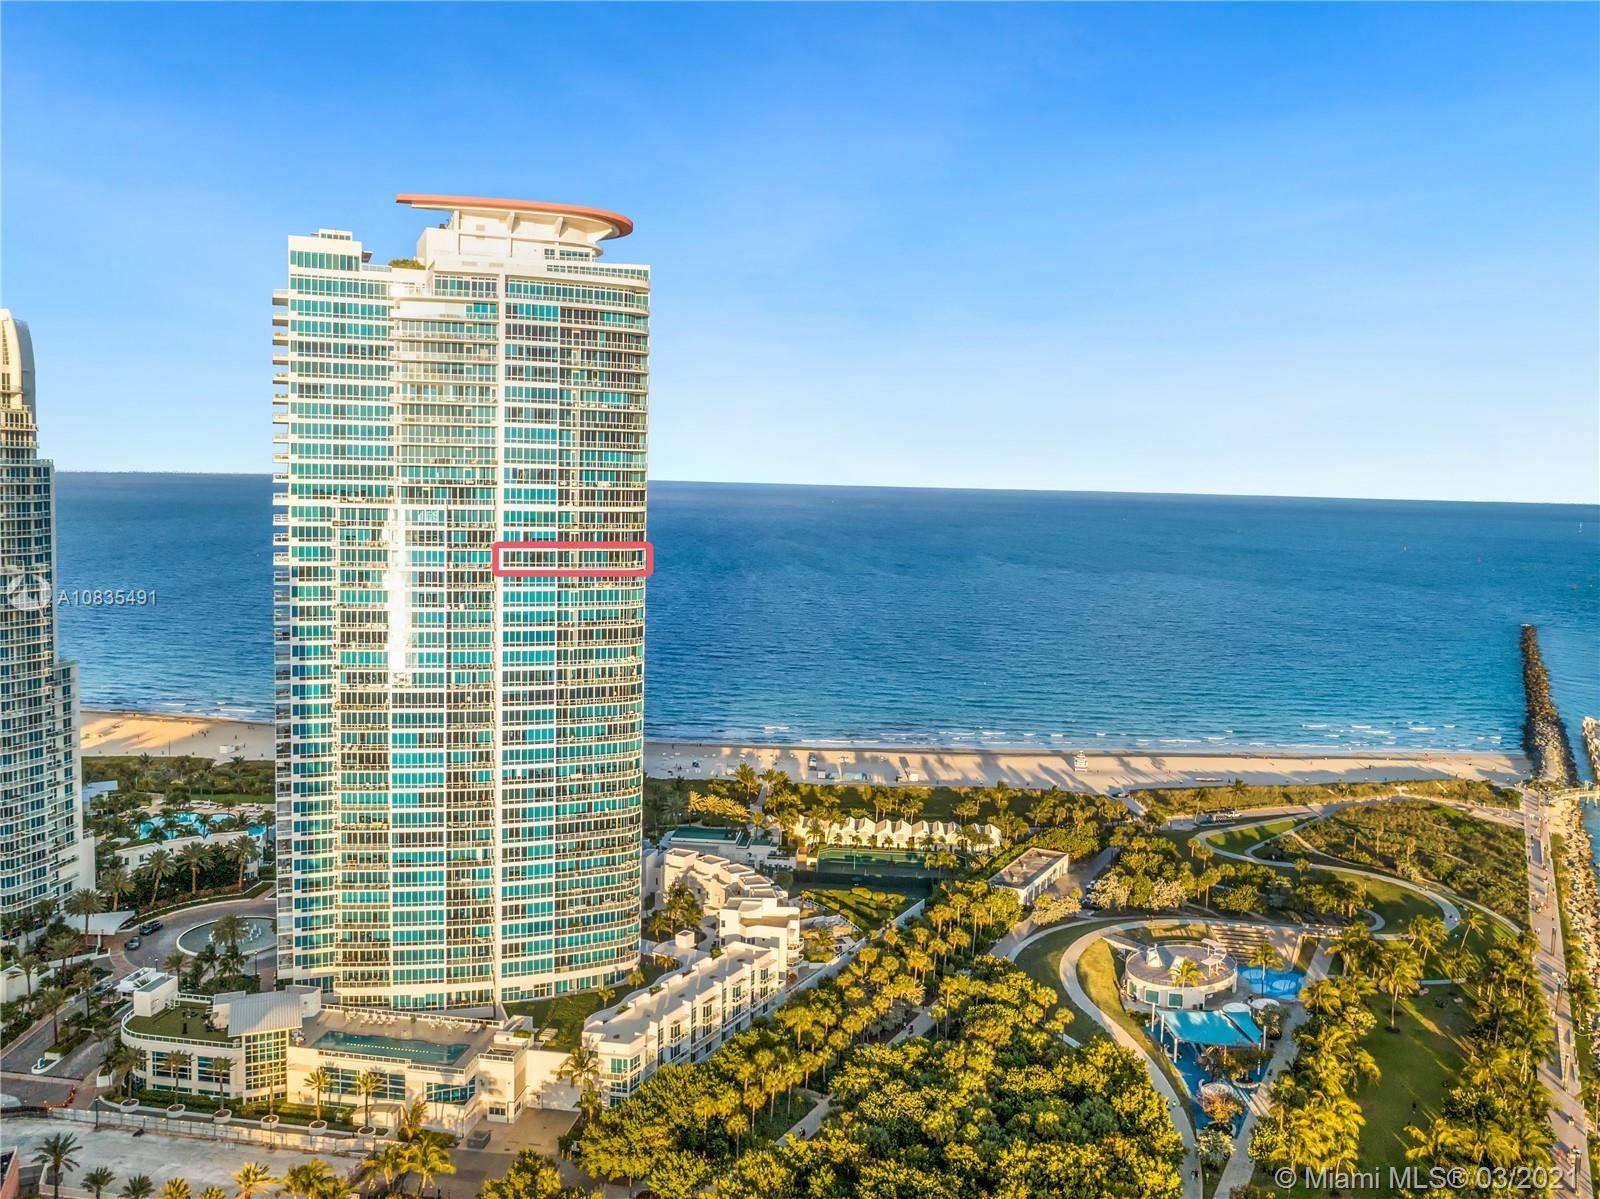 100 S Pointe Dr #2704, Miami Beach, FL 33139 - #: A10835491